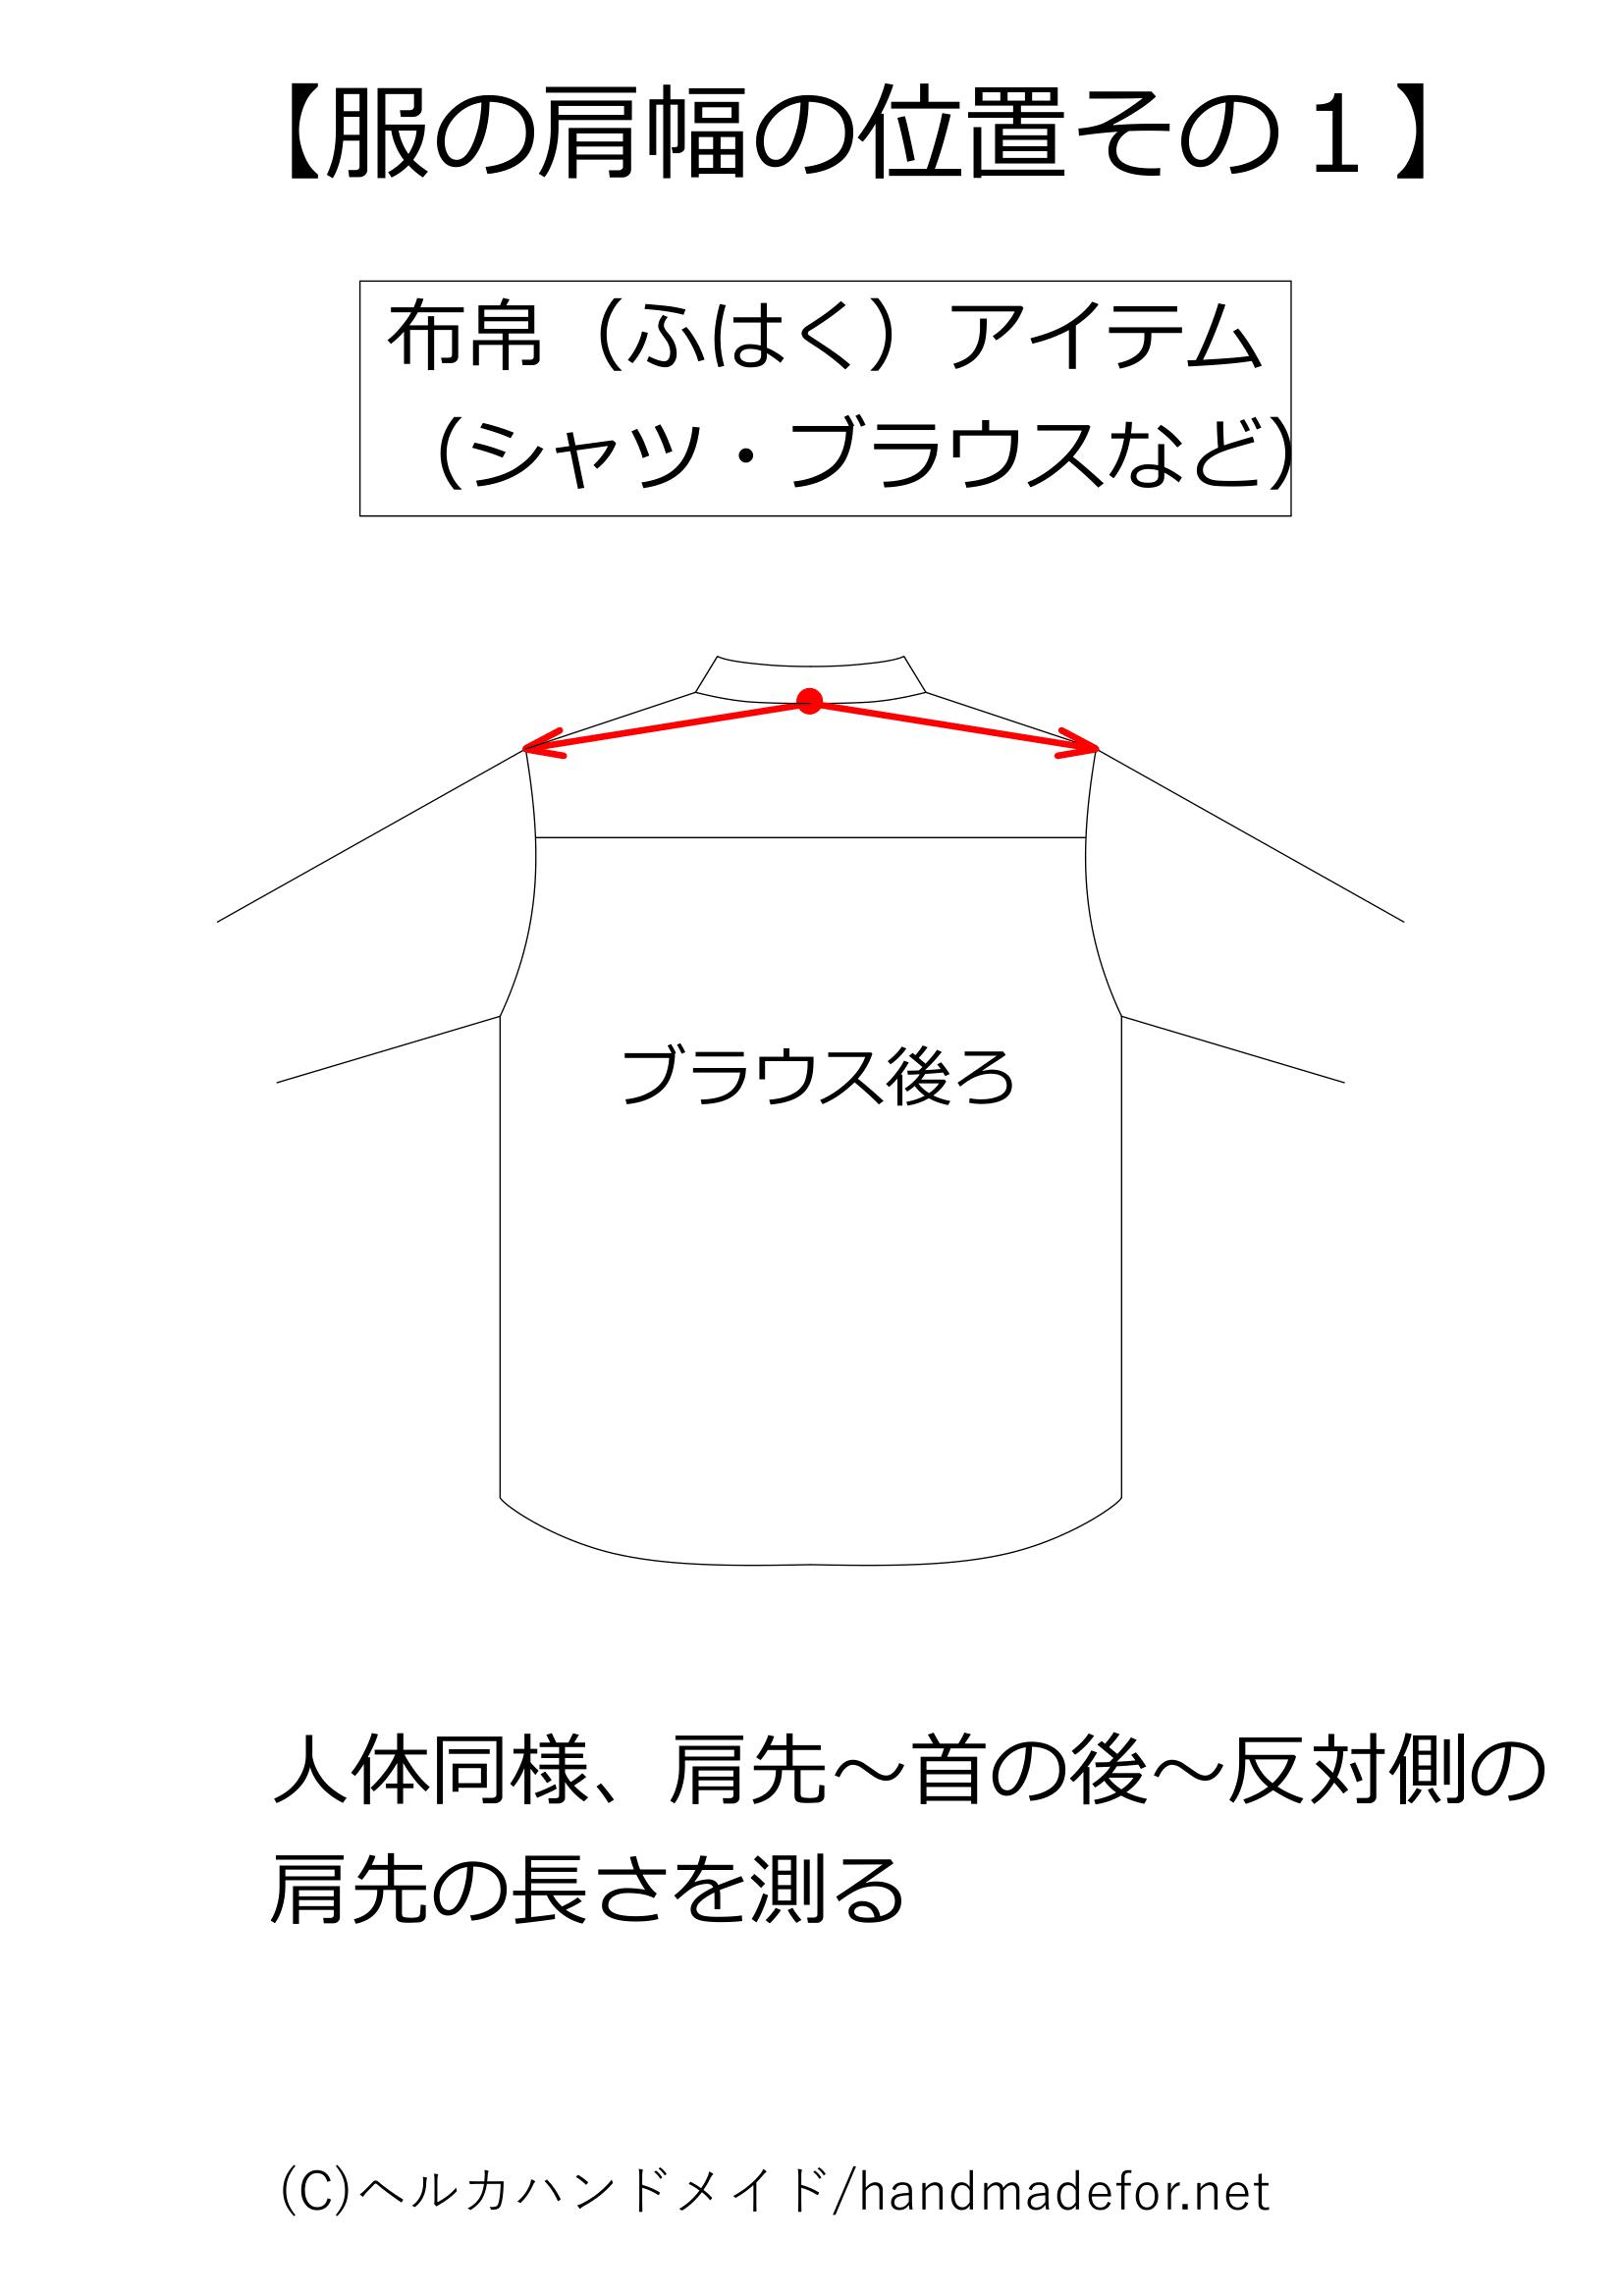 布帛タイプの服の肩幅の測り方